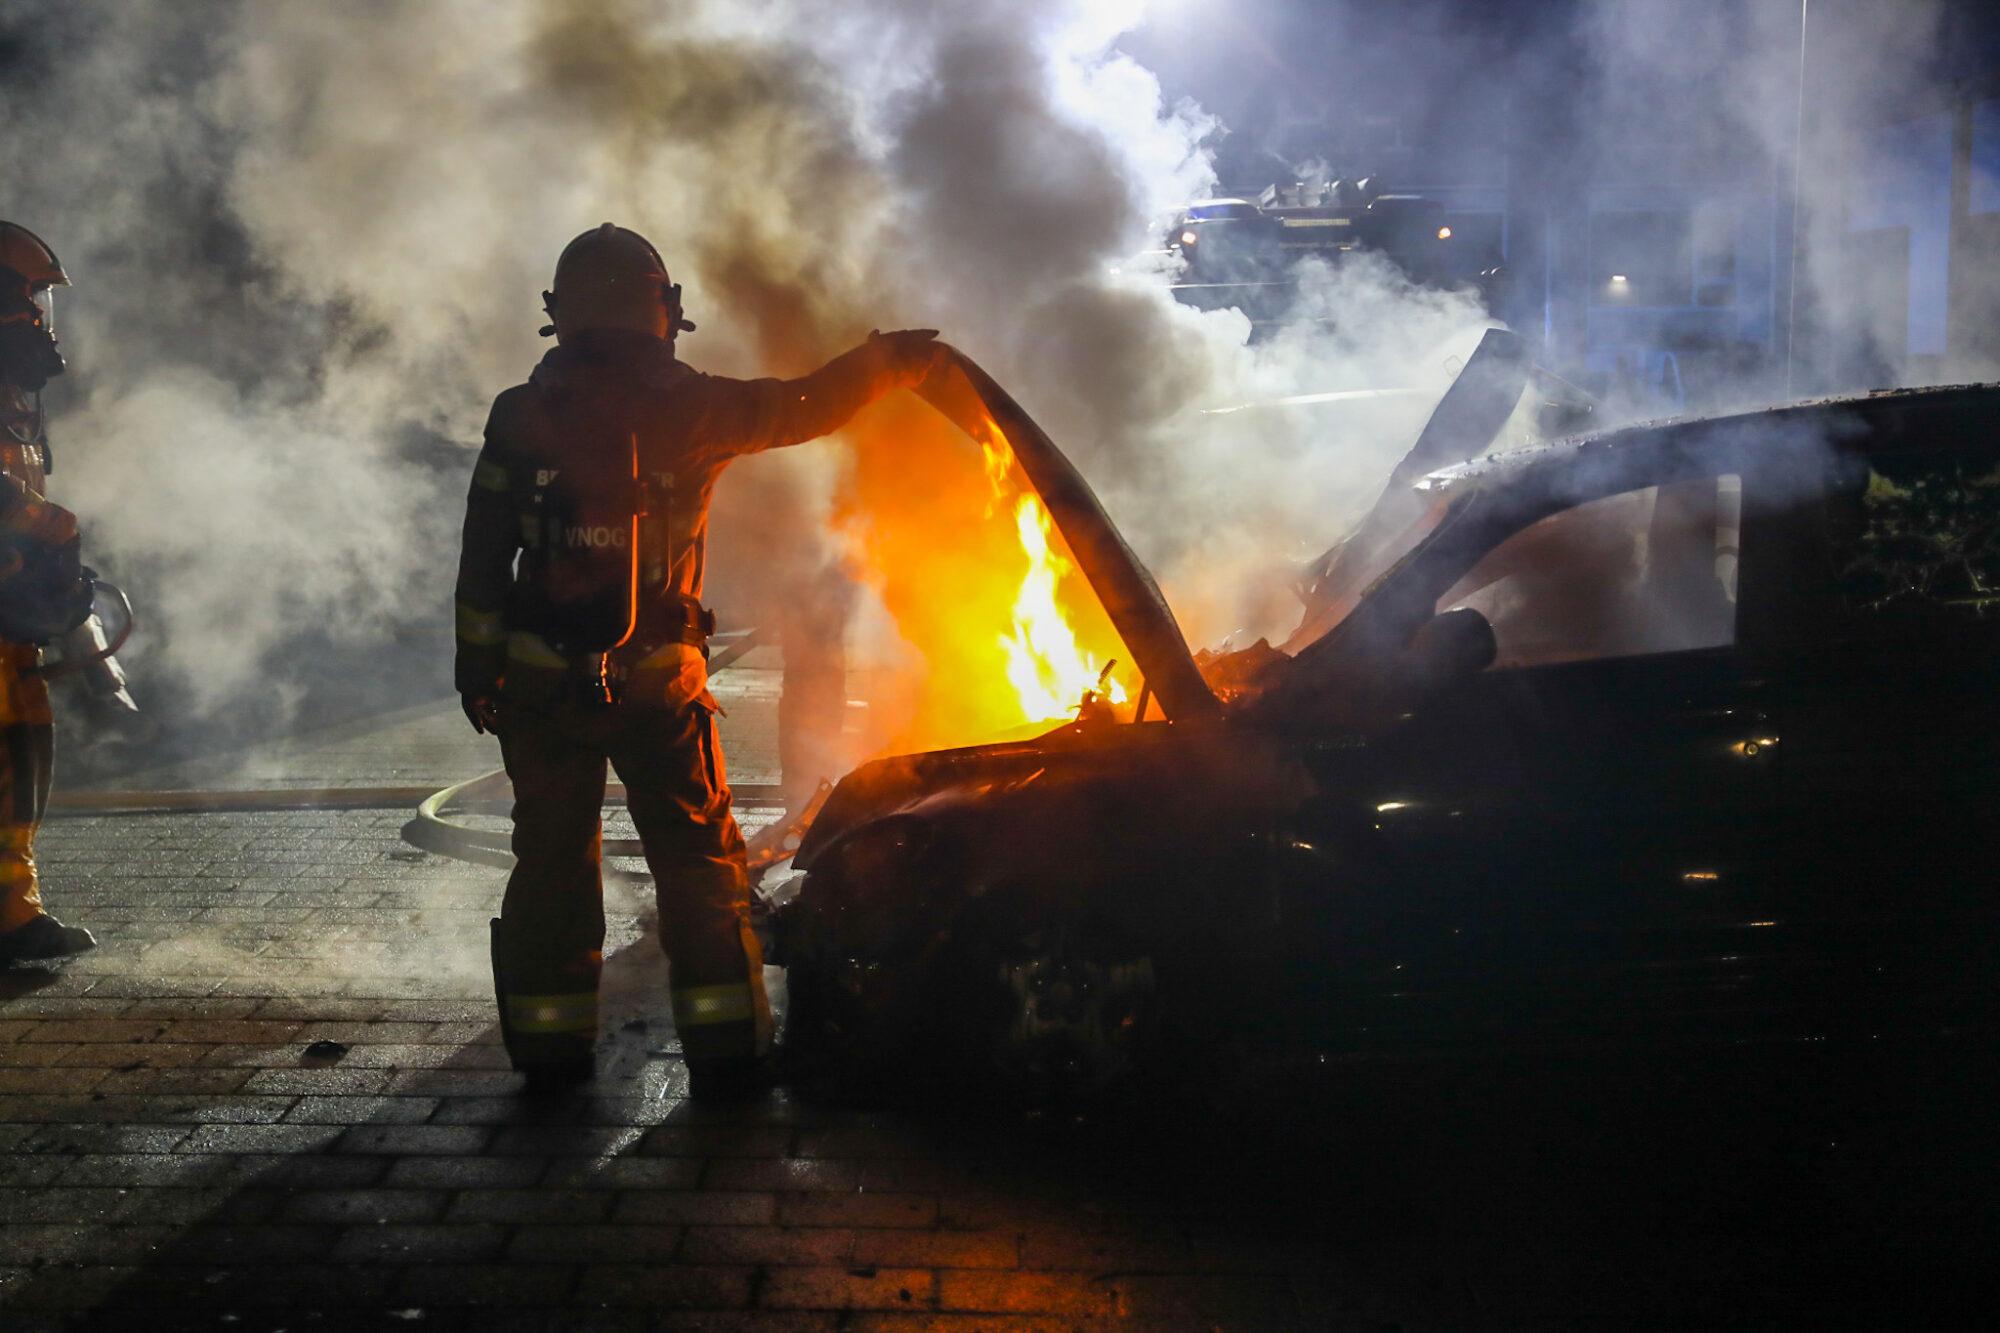 Vlammenzee bij autobrand in Apeldoorn